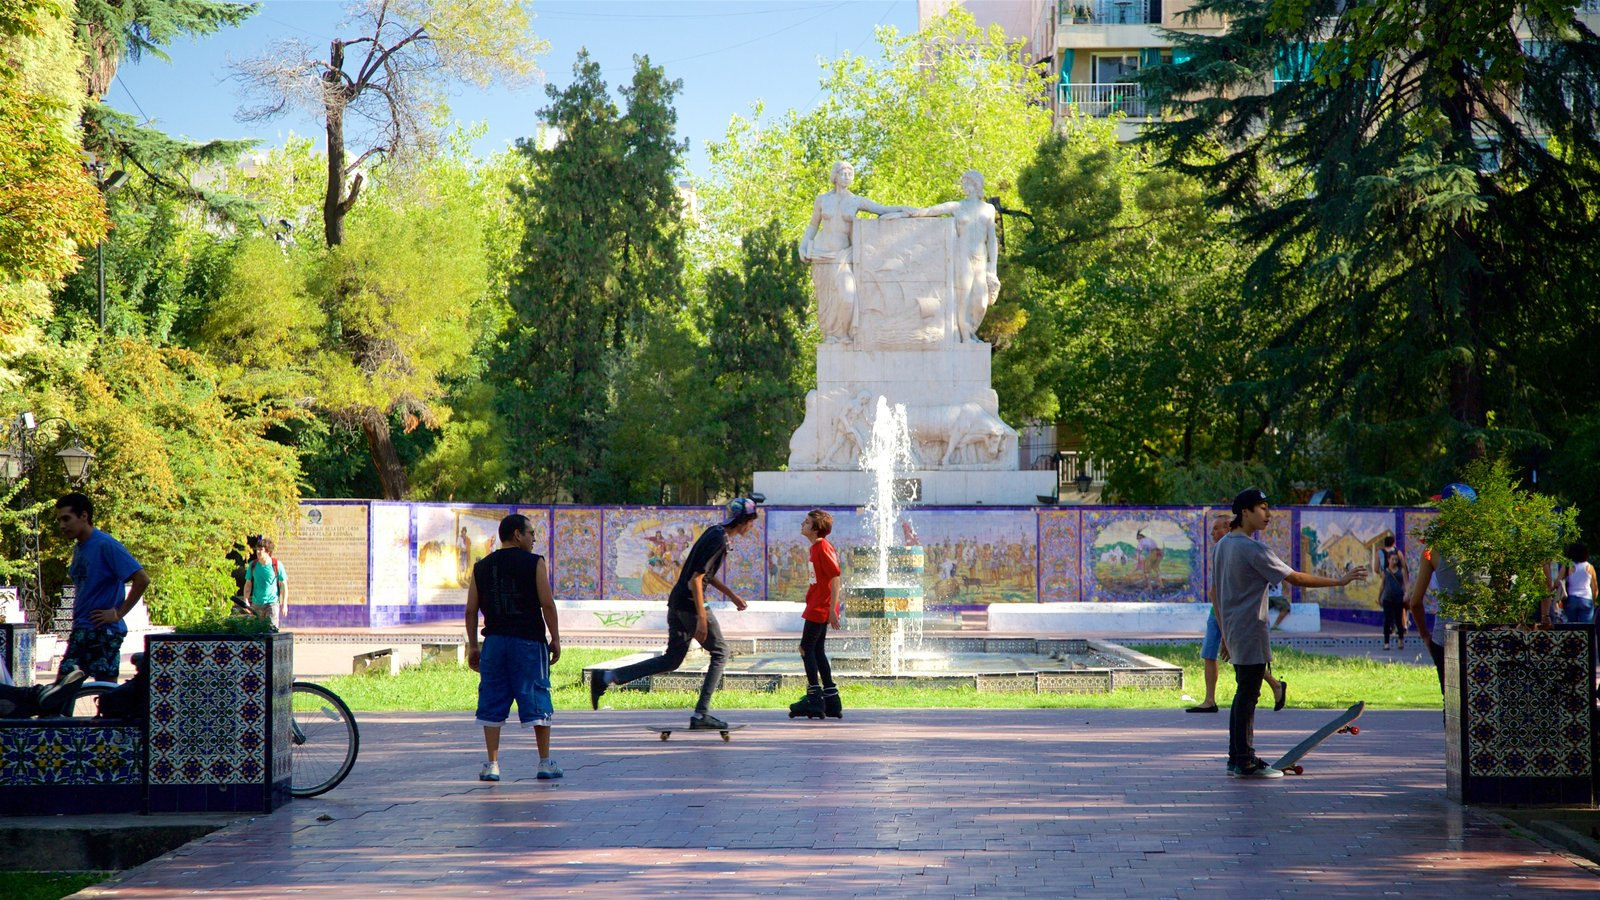 Praça da Espanha que inclui um parque e uma fonte assim como um grande grupo de pessoas